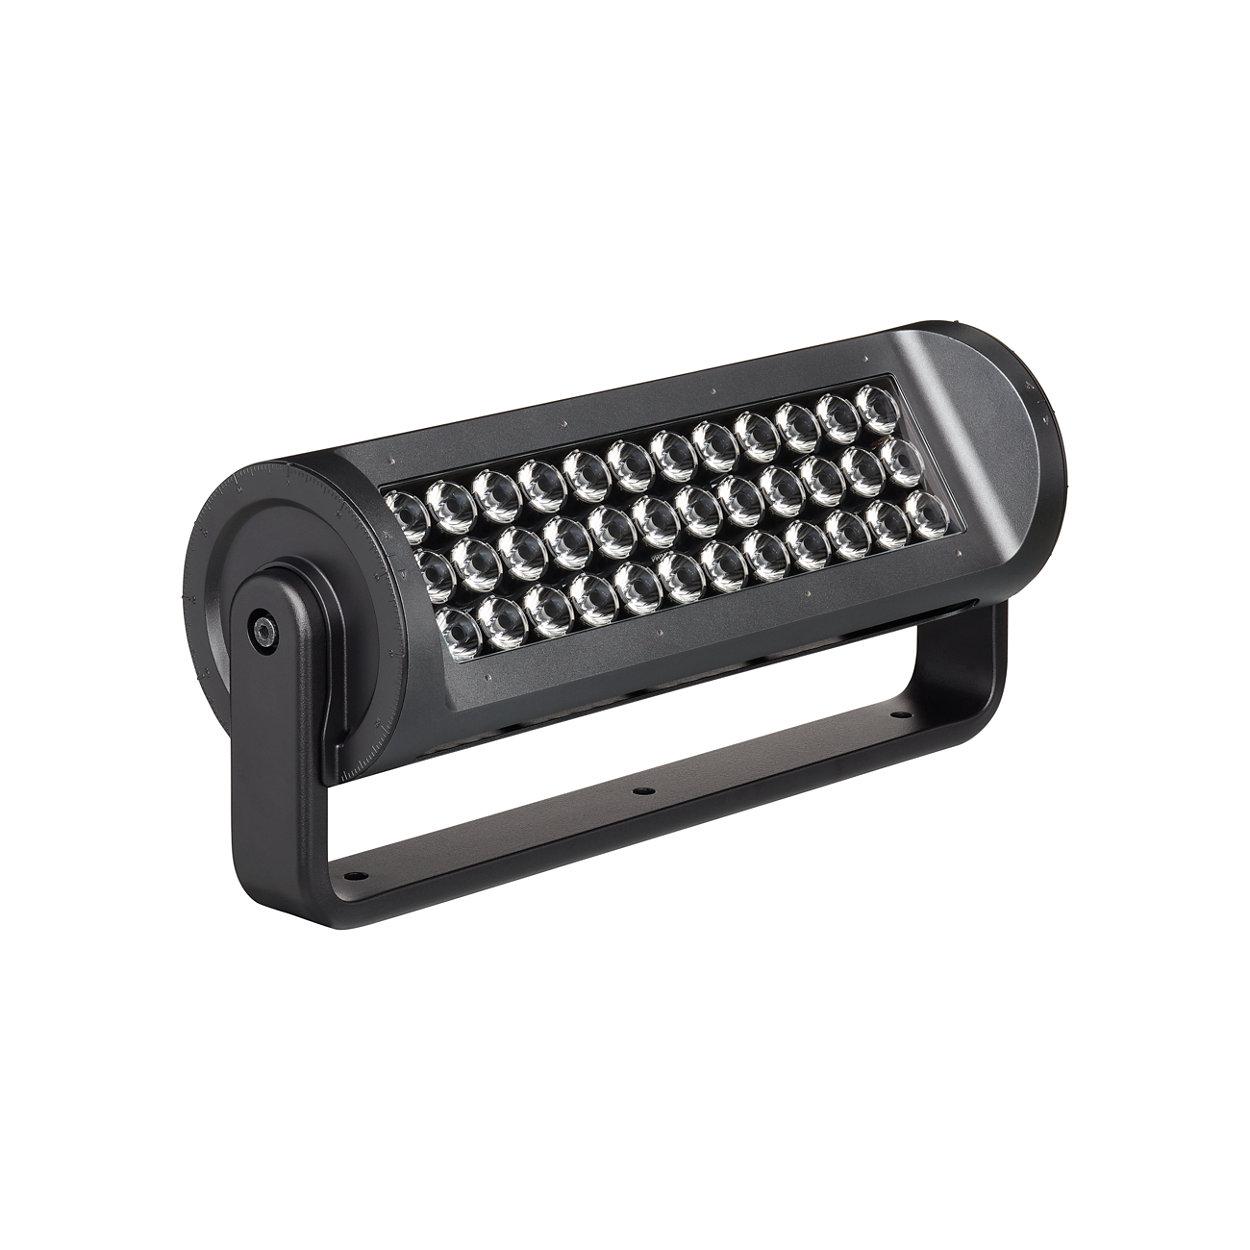 Superieure schijnwerper LED-armatuur voor buiten met een ver straalbereik en RGBA- of RGBW-licht.